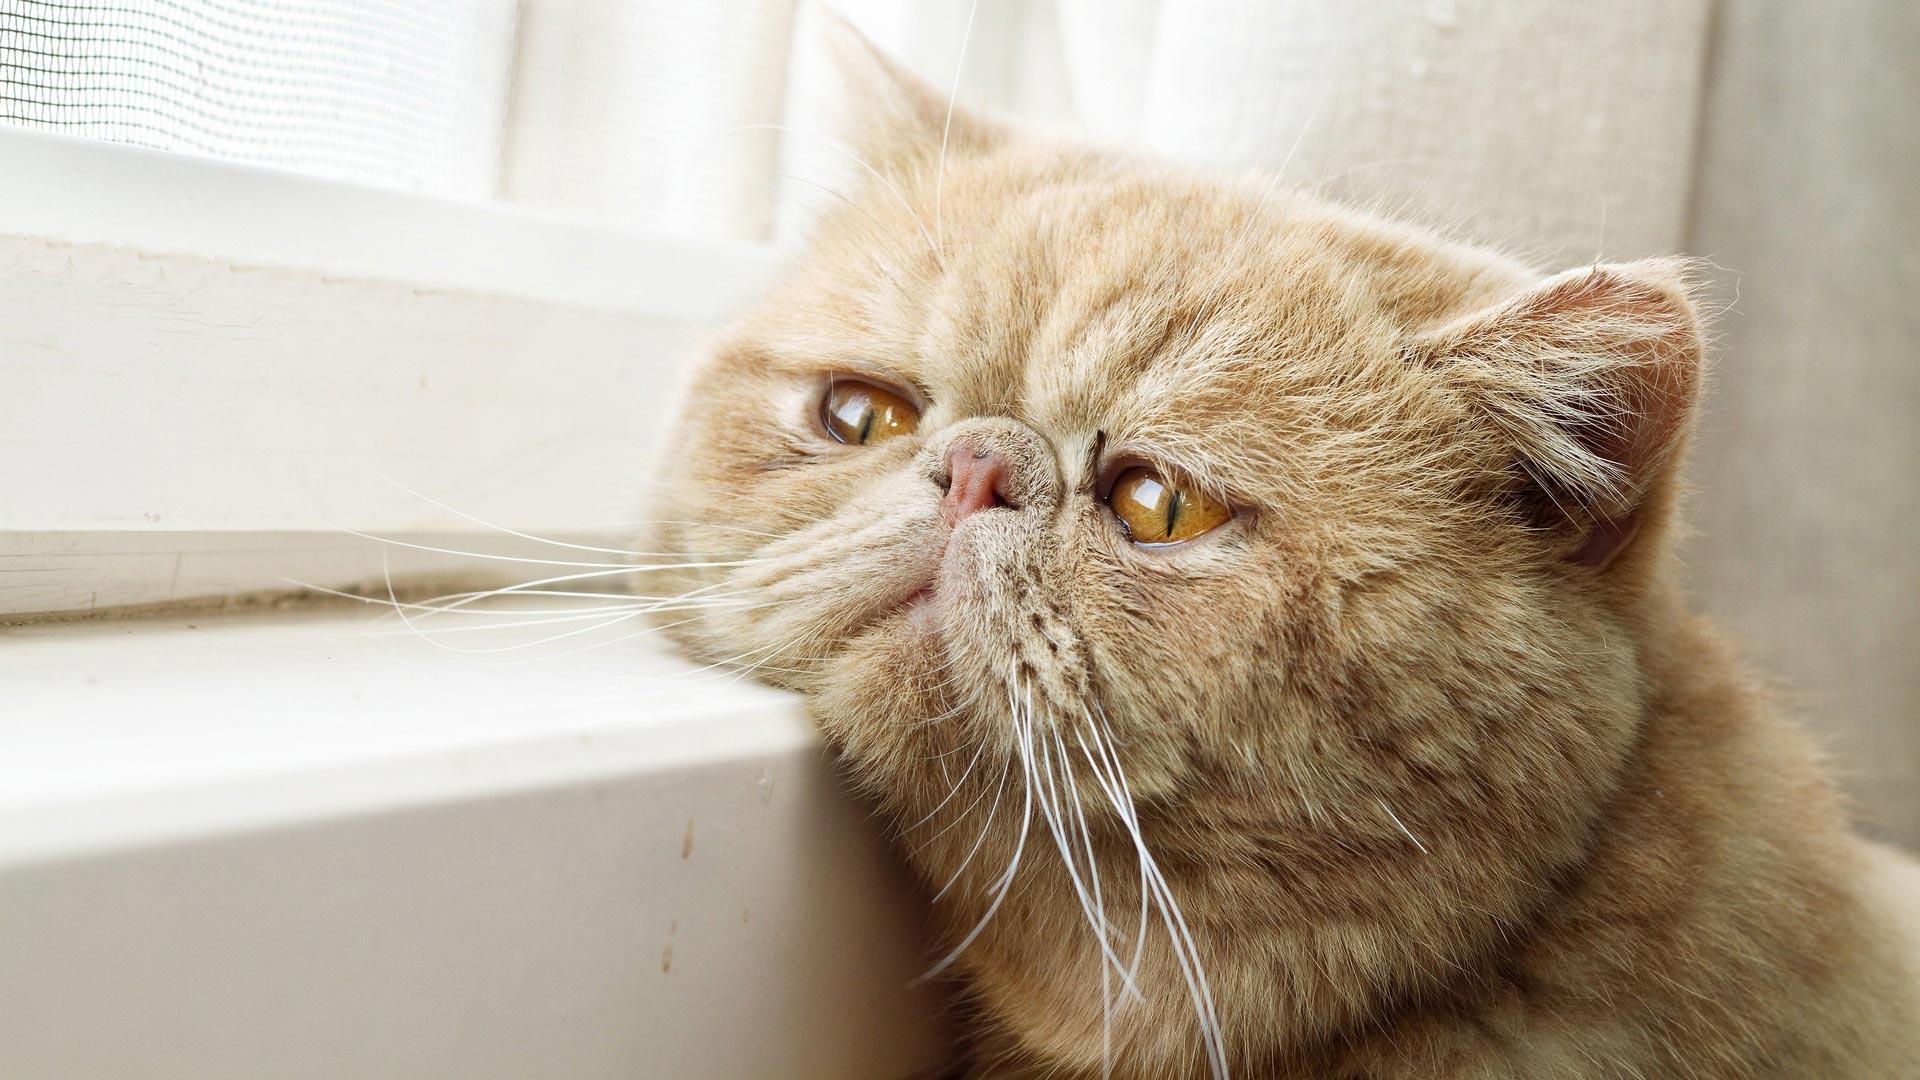 صورة لقط رائع ينظر من نافذة ويتأمل